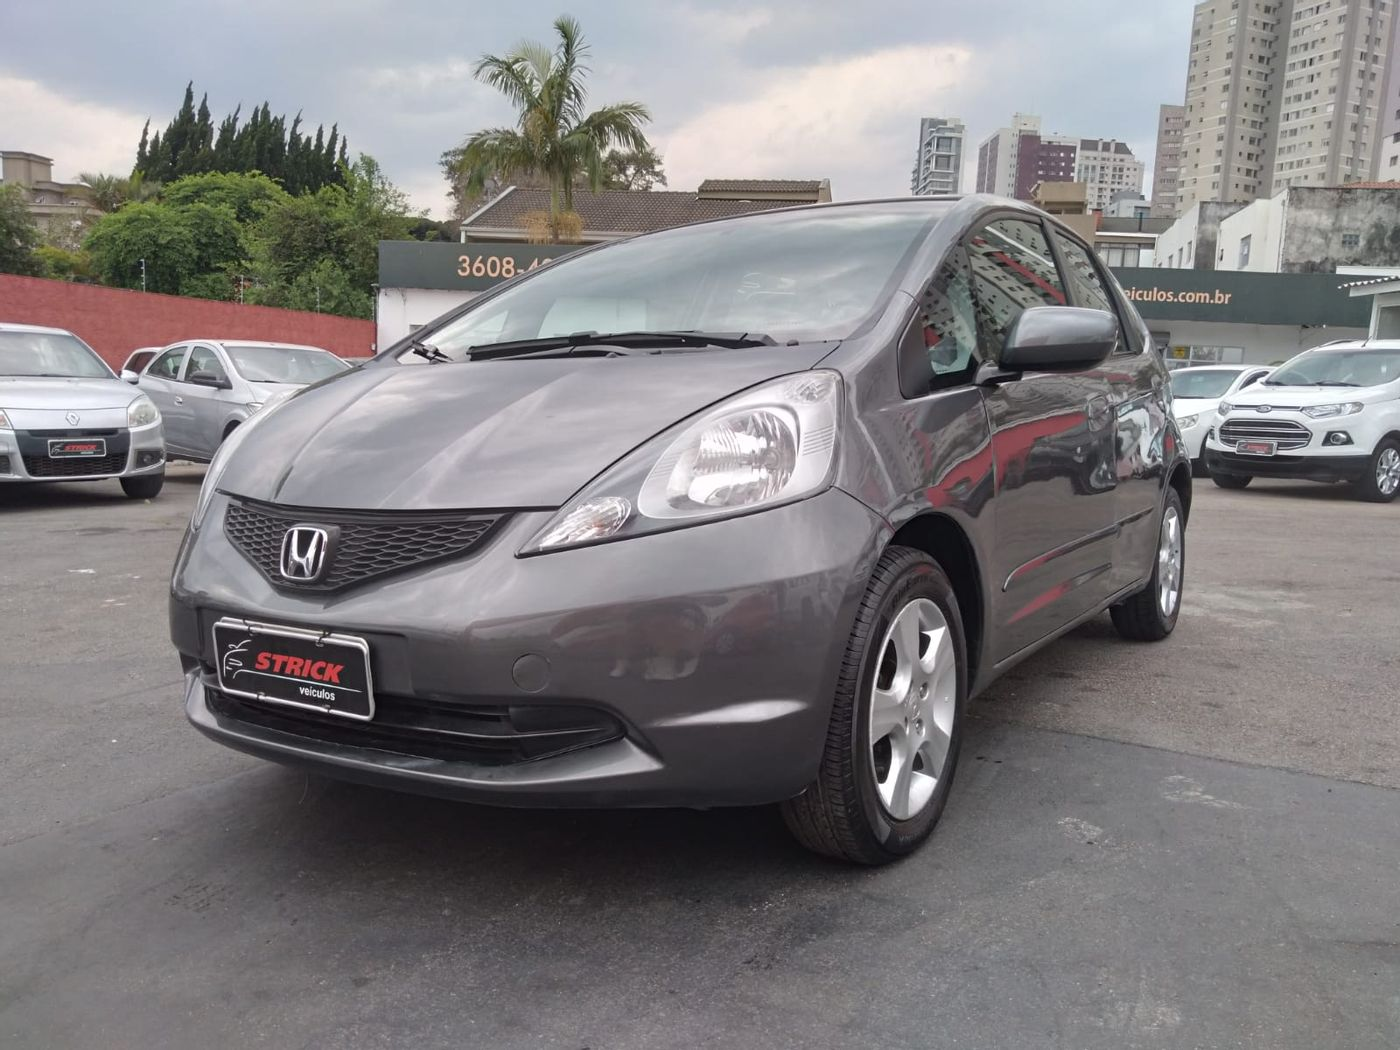 Honda Fit EXL 1.5 Flex 16V 5p Mec